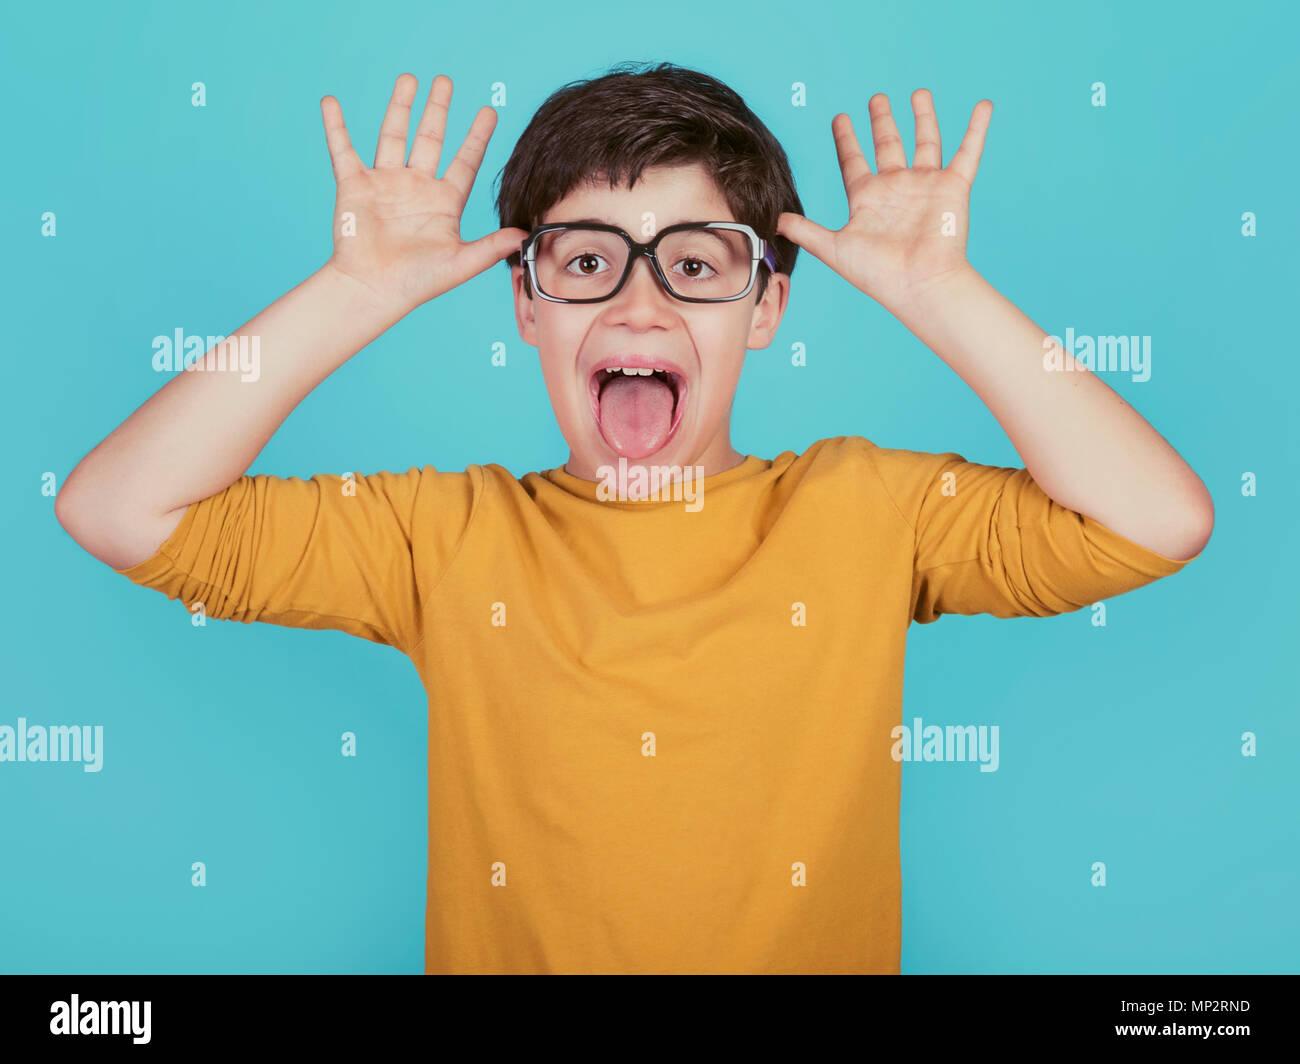 Lustig Junge mit Brille zeigen, seine Zunge auf blauem Hintergrund Stockbild